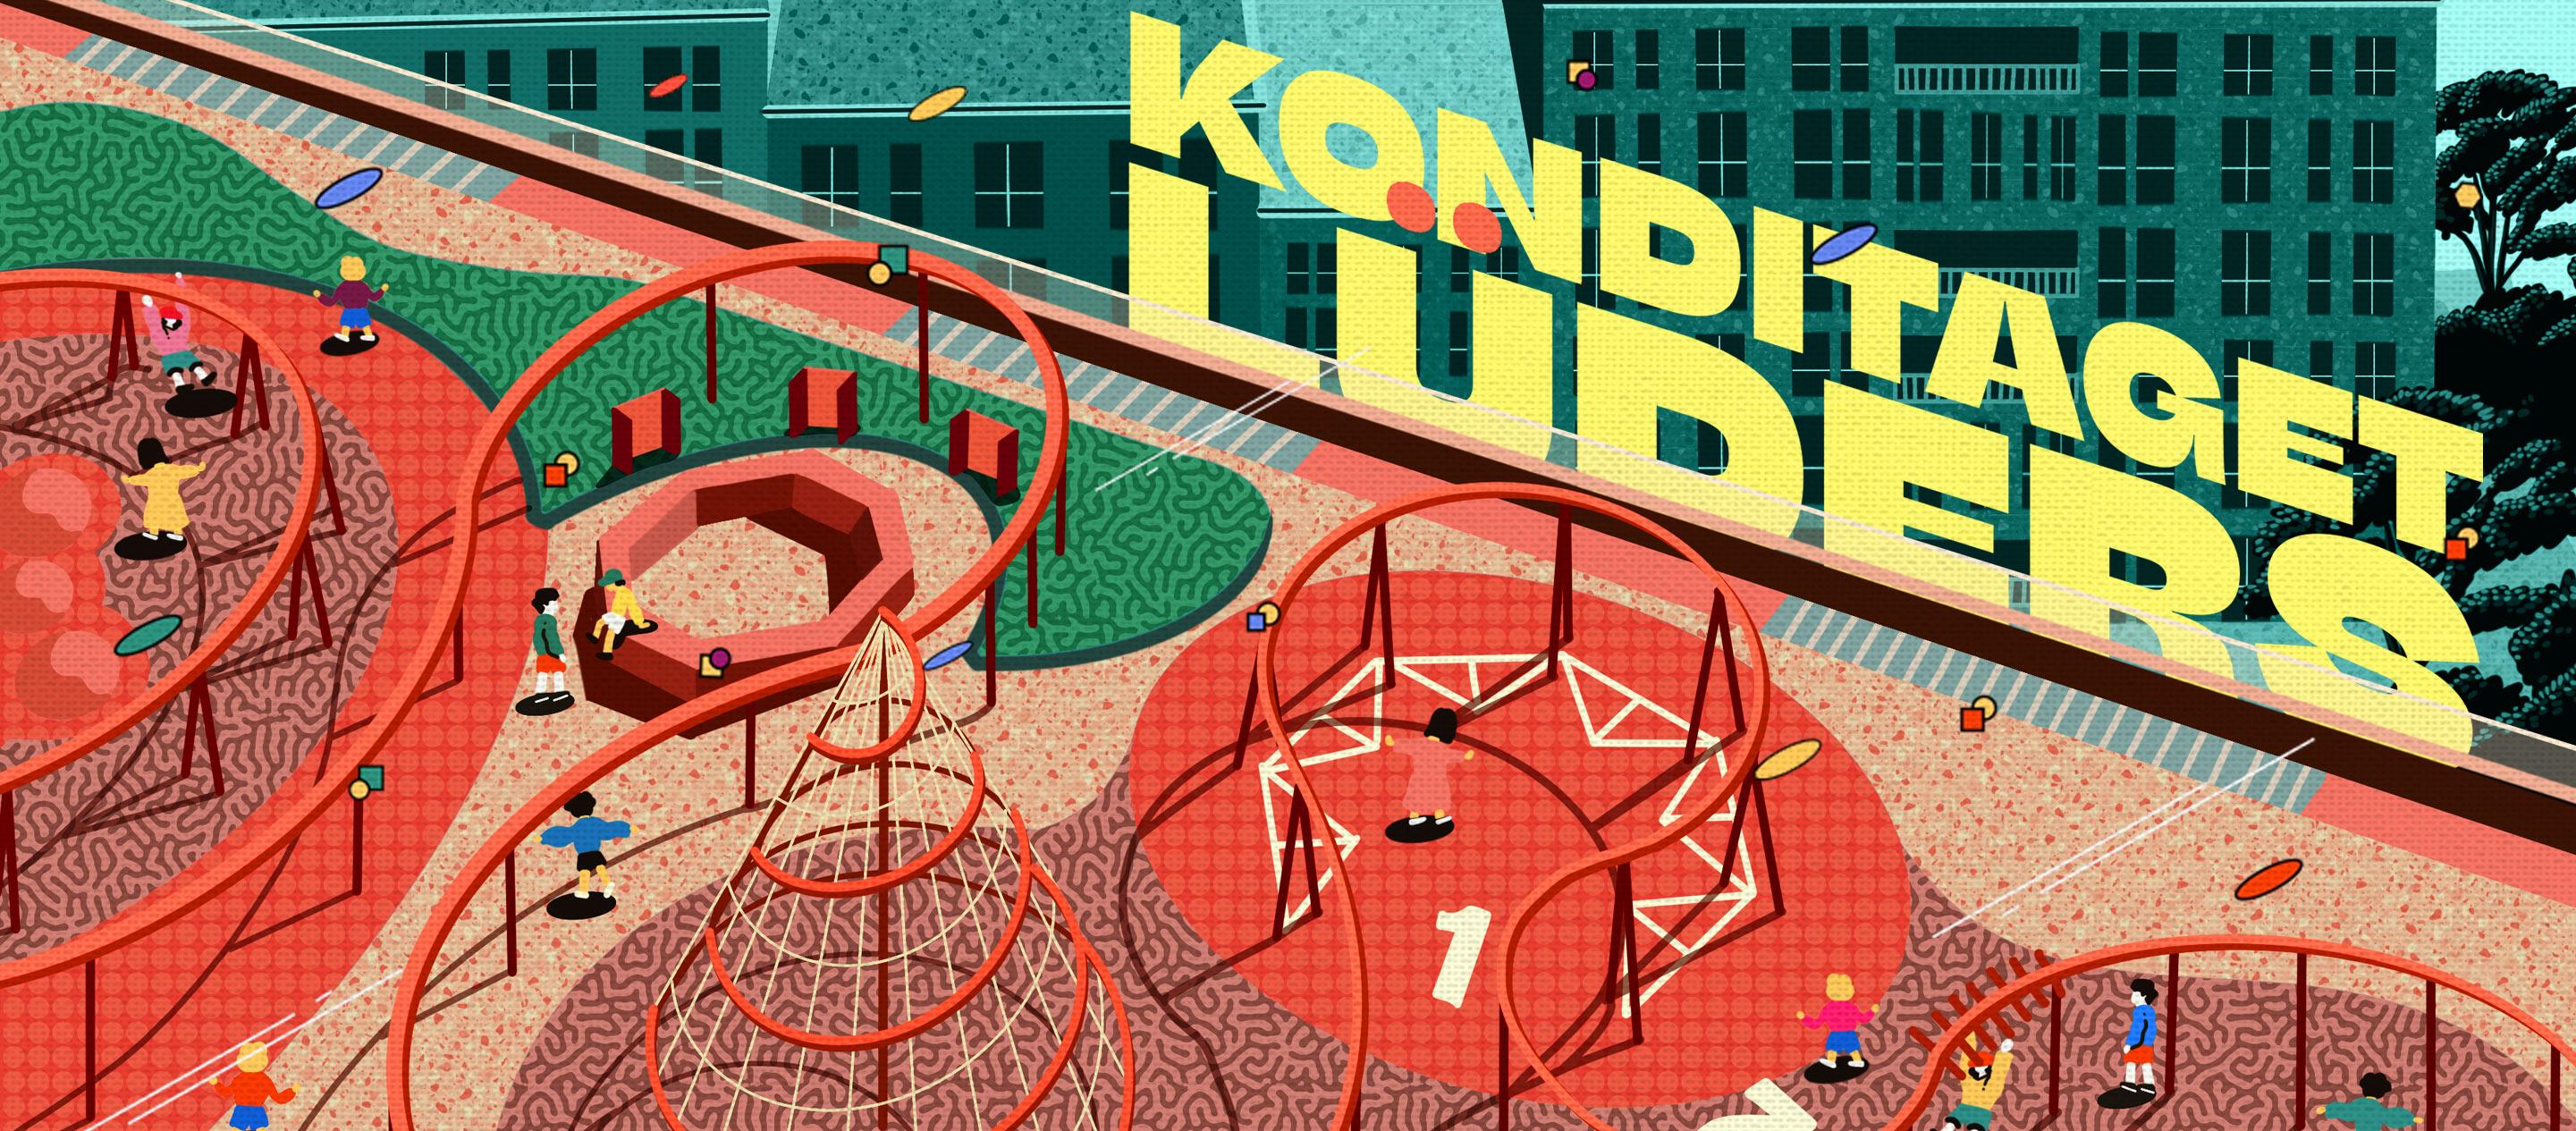 Konditaget Lüders เมื่อคนโคเปนเฮเกนเปลี่ยนดาดฟ้าอาคารจอดรถให้เป็นลานออกกำลังกายสาธารณะ